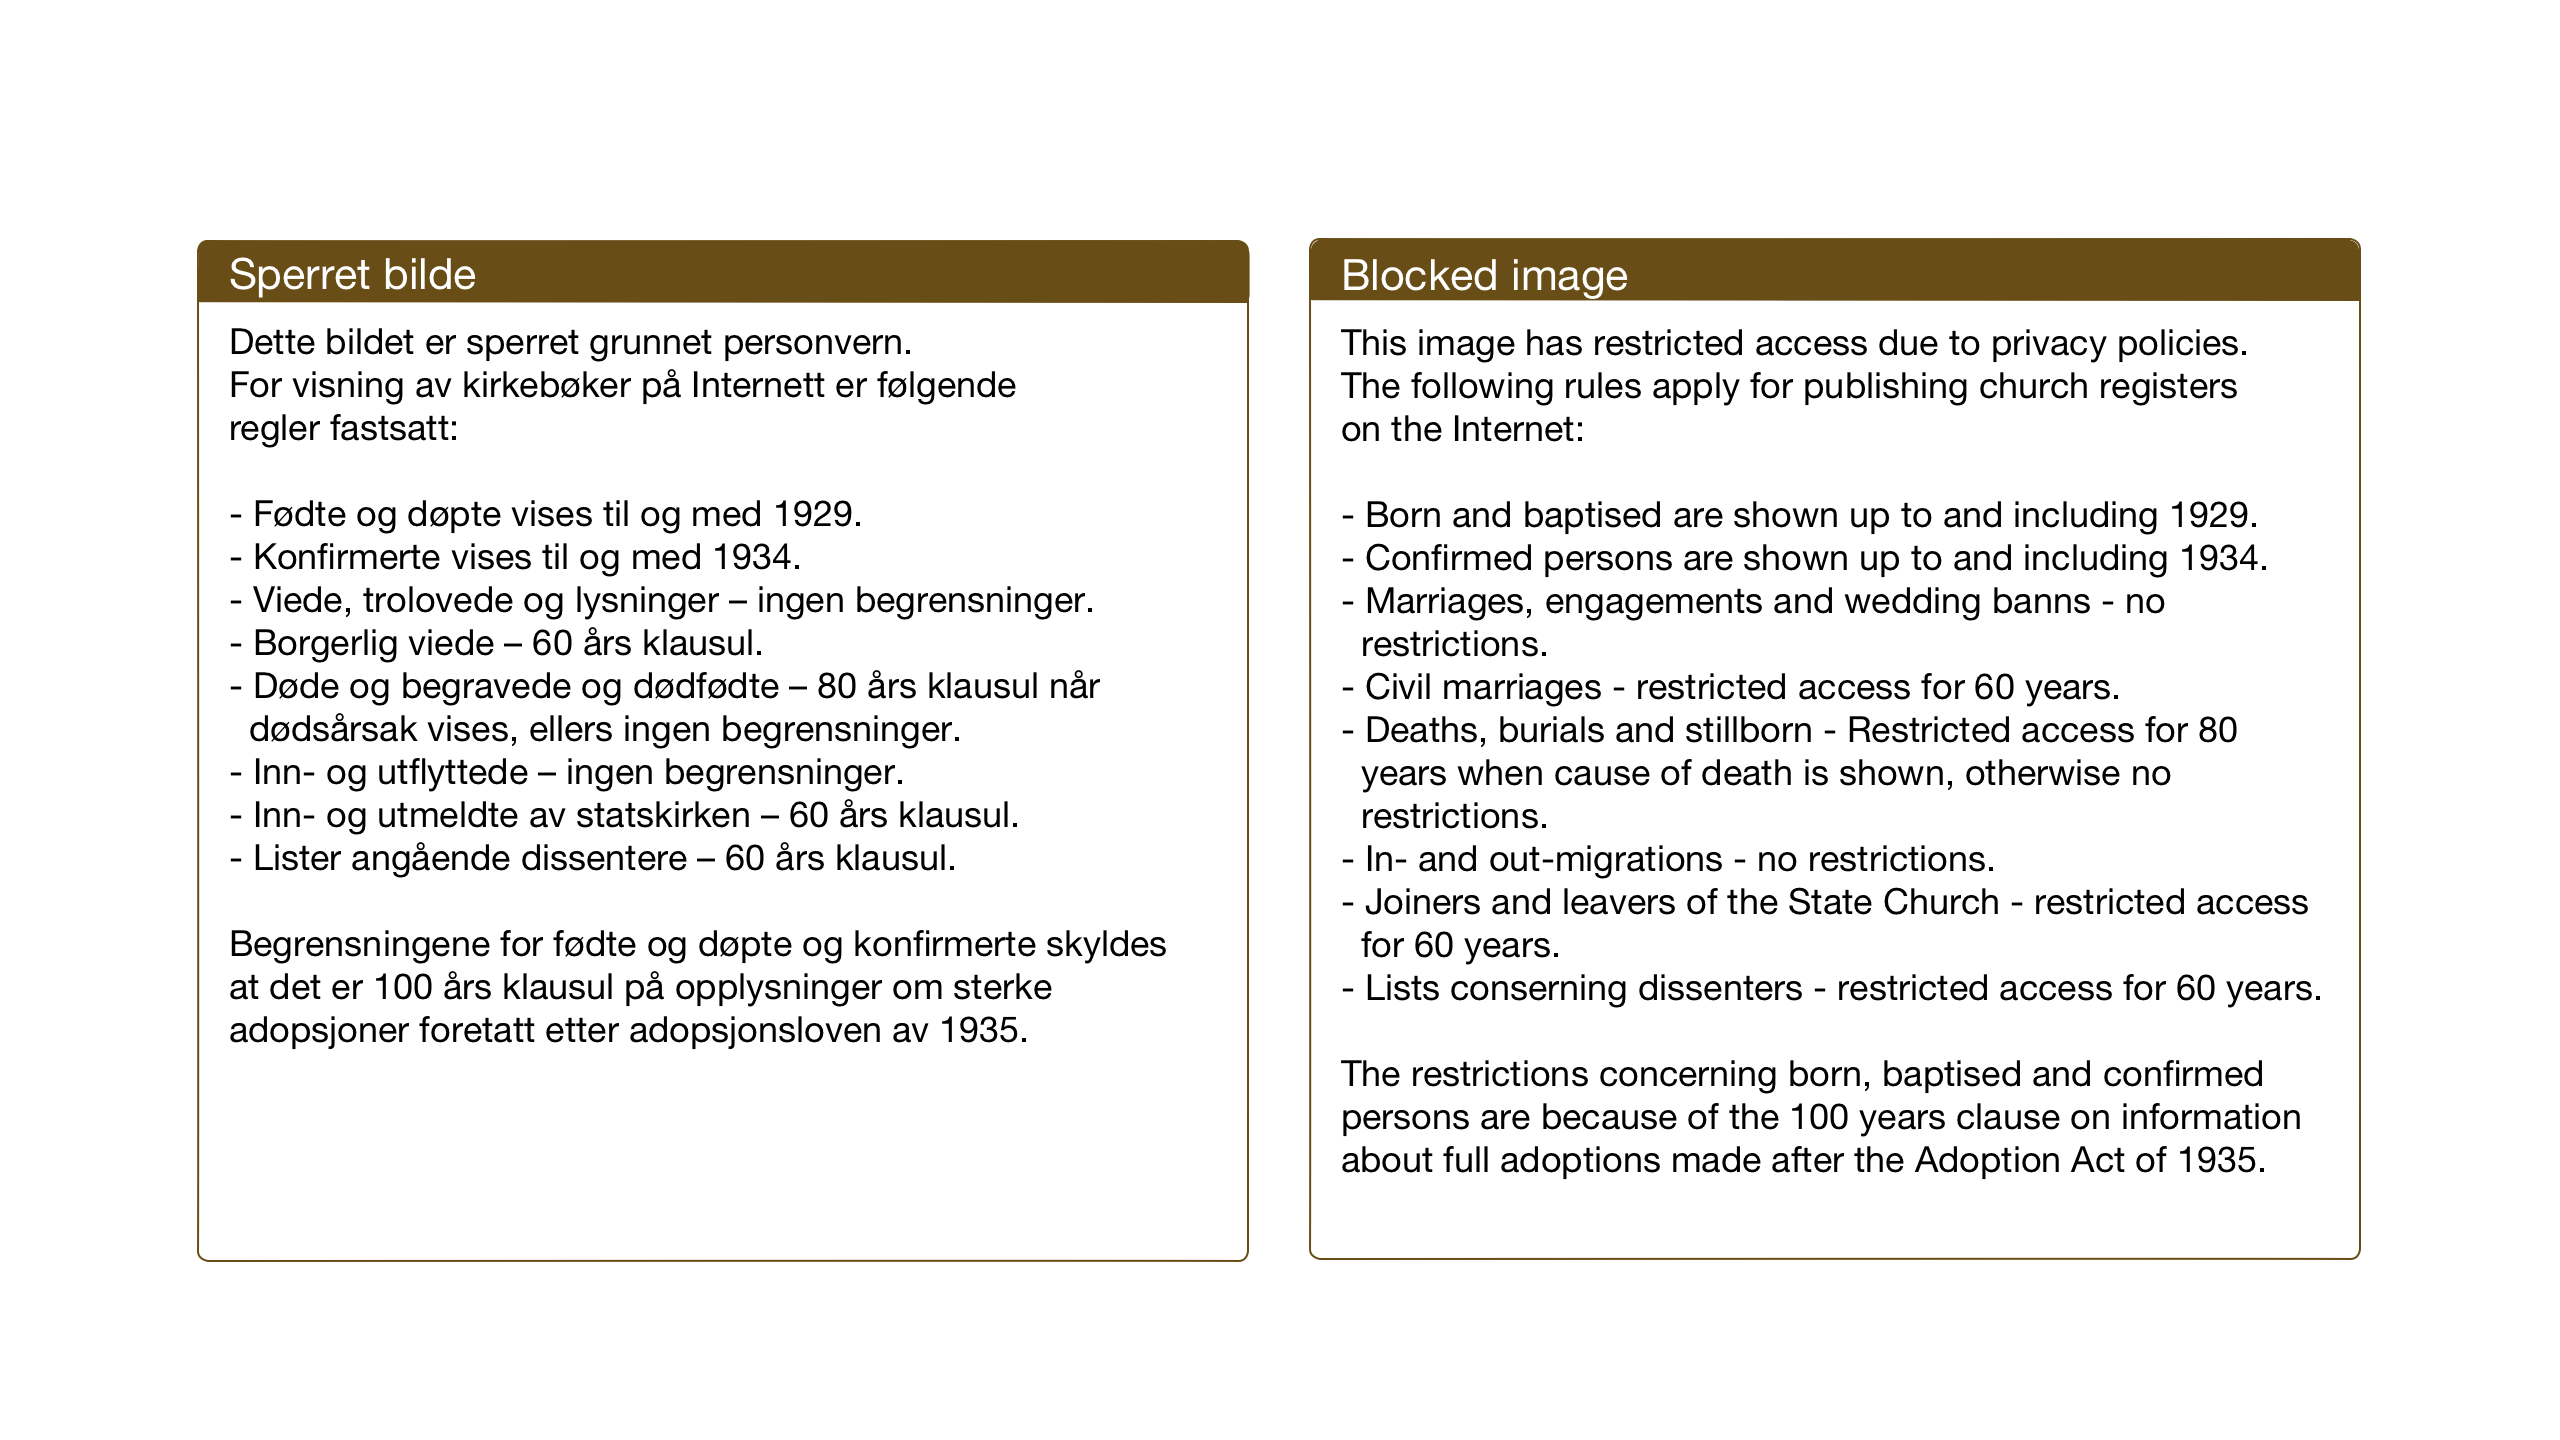 SAT, Ministerialprotokoller, klokkerbøker og fødselsregistre - Sør-Trøndelag, 670/L0837: Klokkerbok nr. 670C01, 1905-1946, s. 152-153